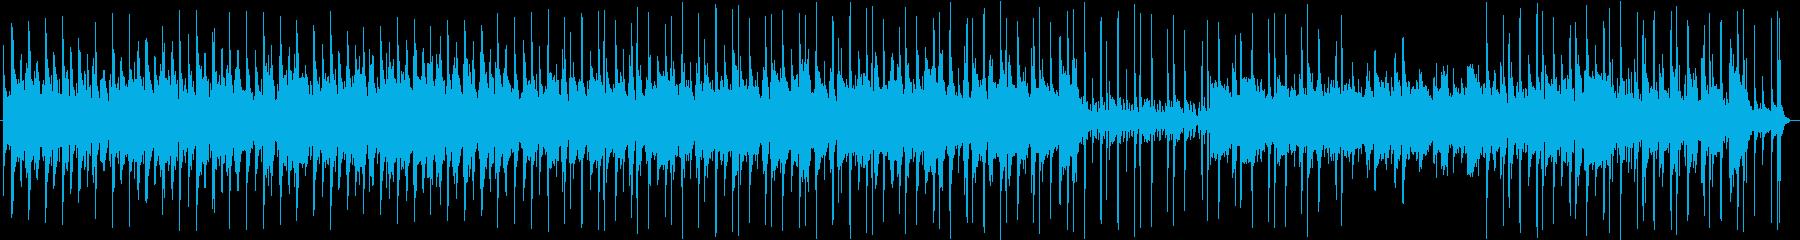 企業系VP等へ最適な明るくポップな音源の再生済みの波形